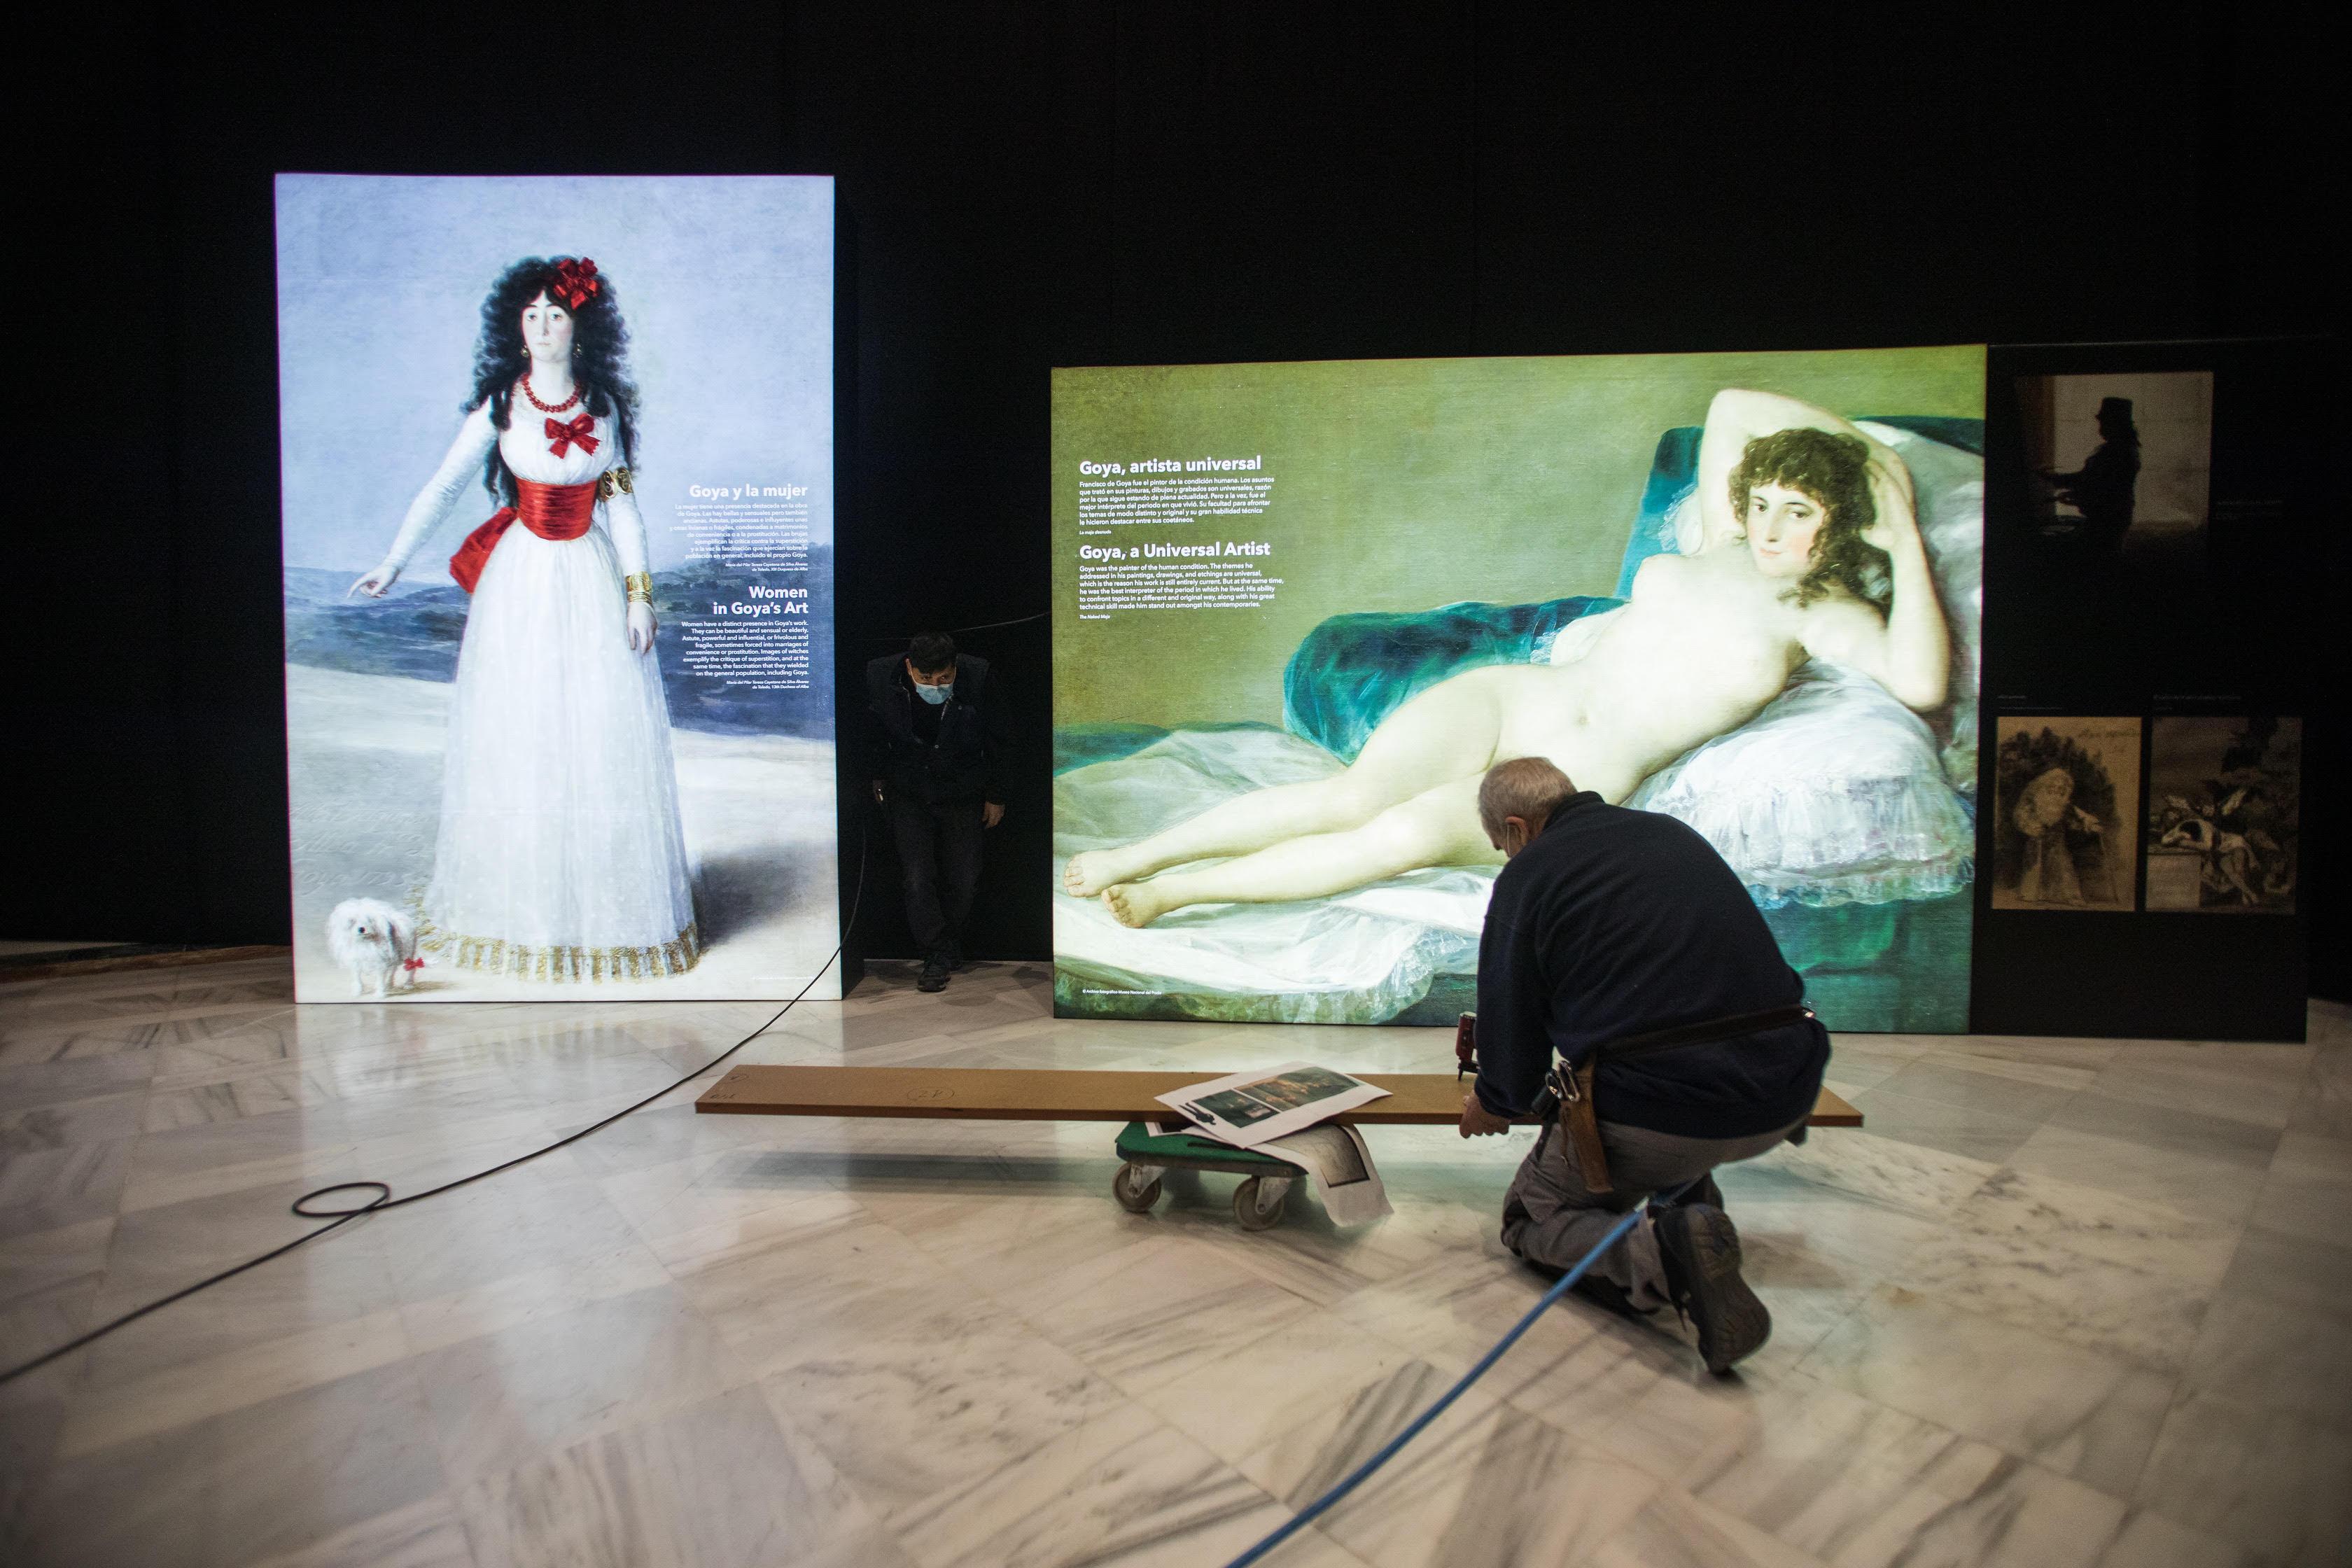 La exposición inmersiva #INGOYA podrá verse en Granada desde el 22 de marzo